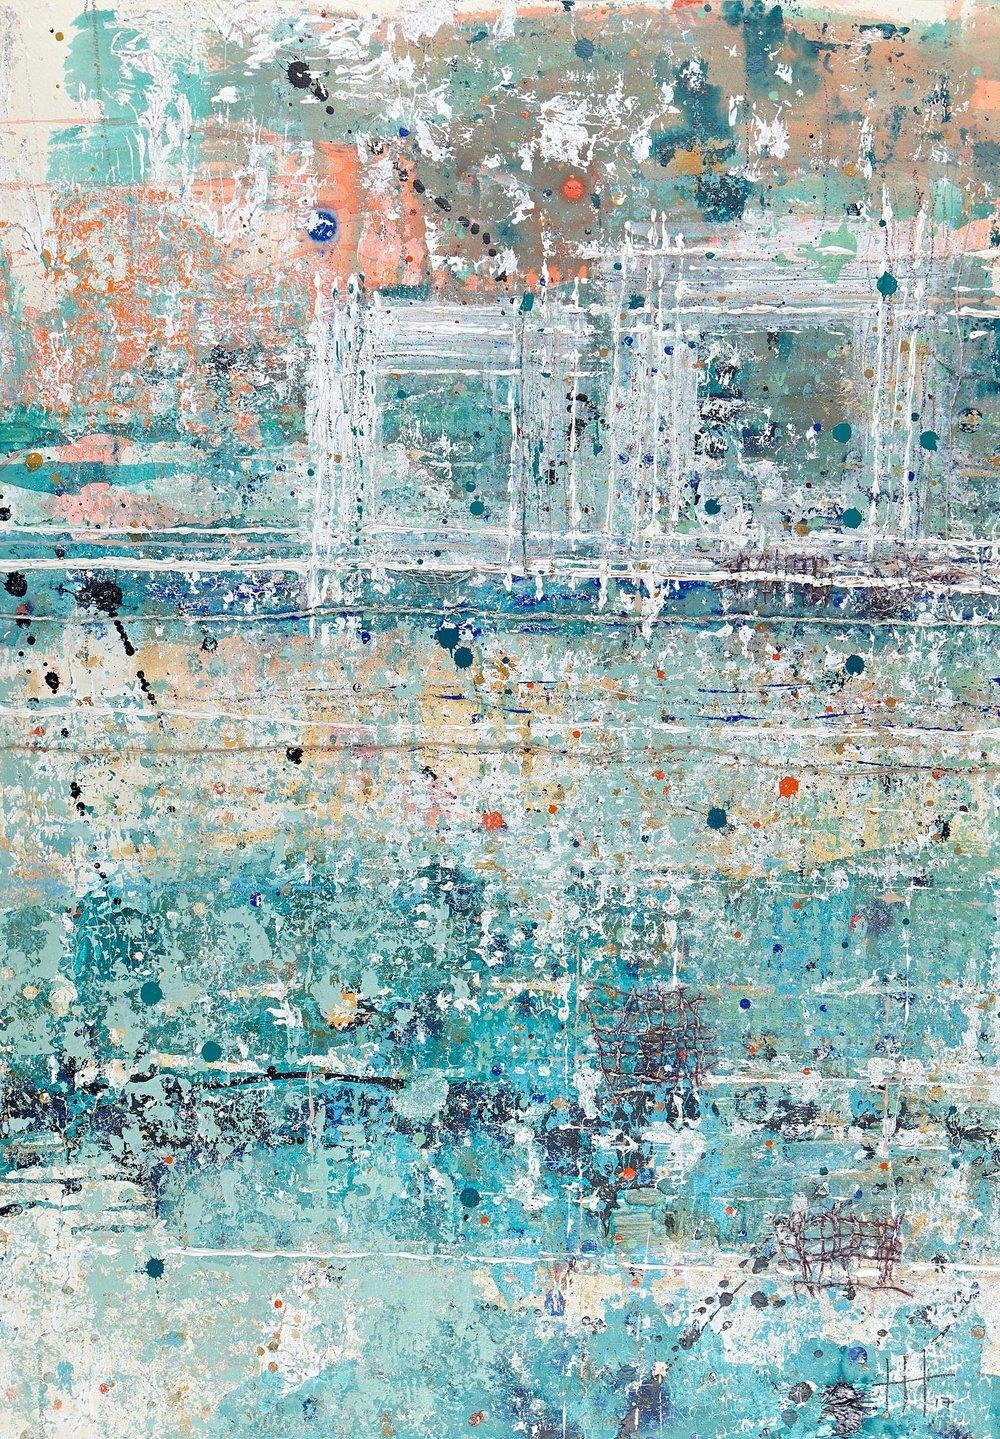 'Near Sea Town' Acrylic & Mixed Media /119cm x 93cm (framed) £1,750